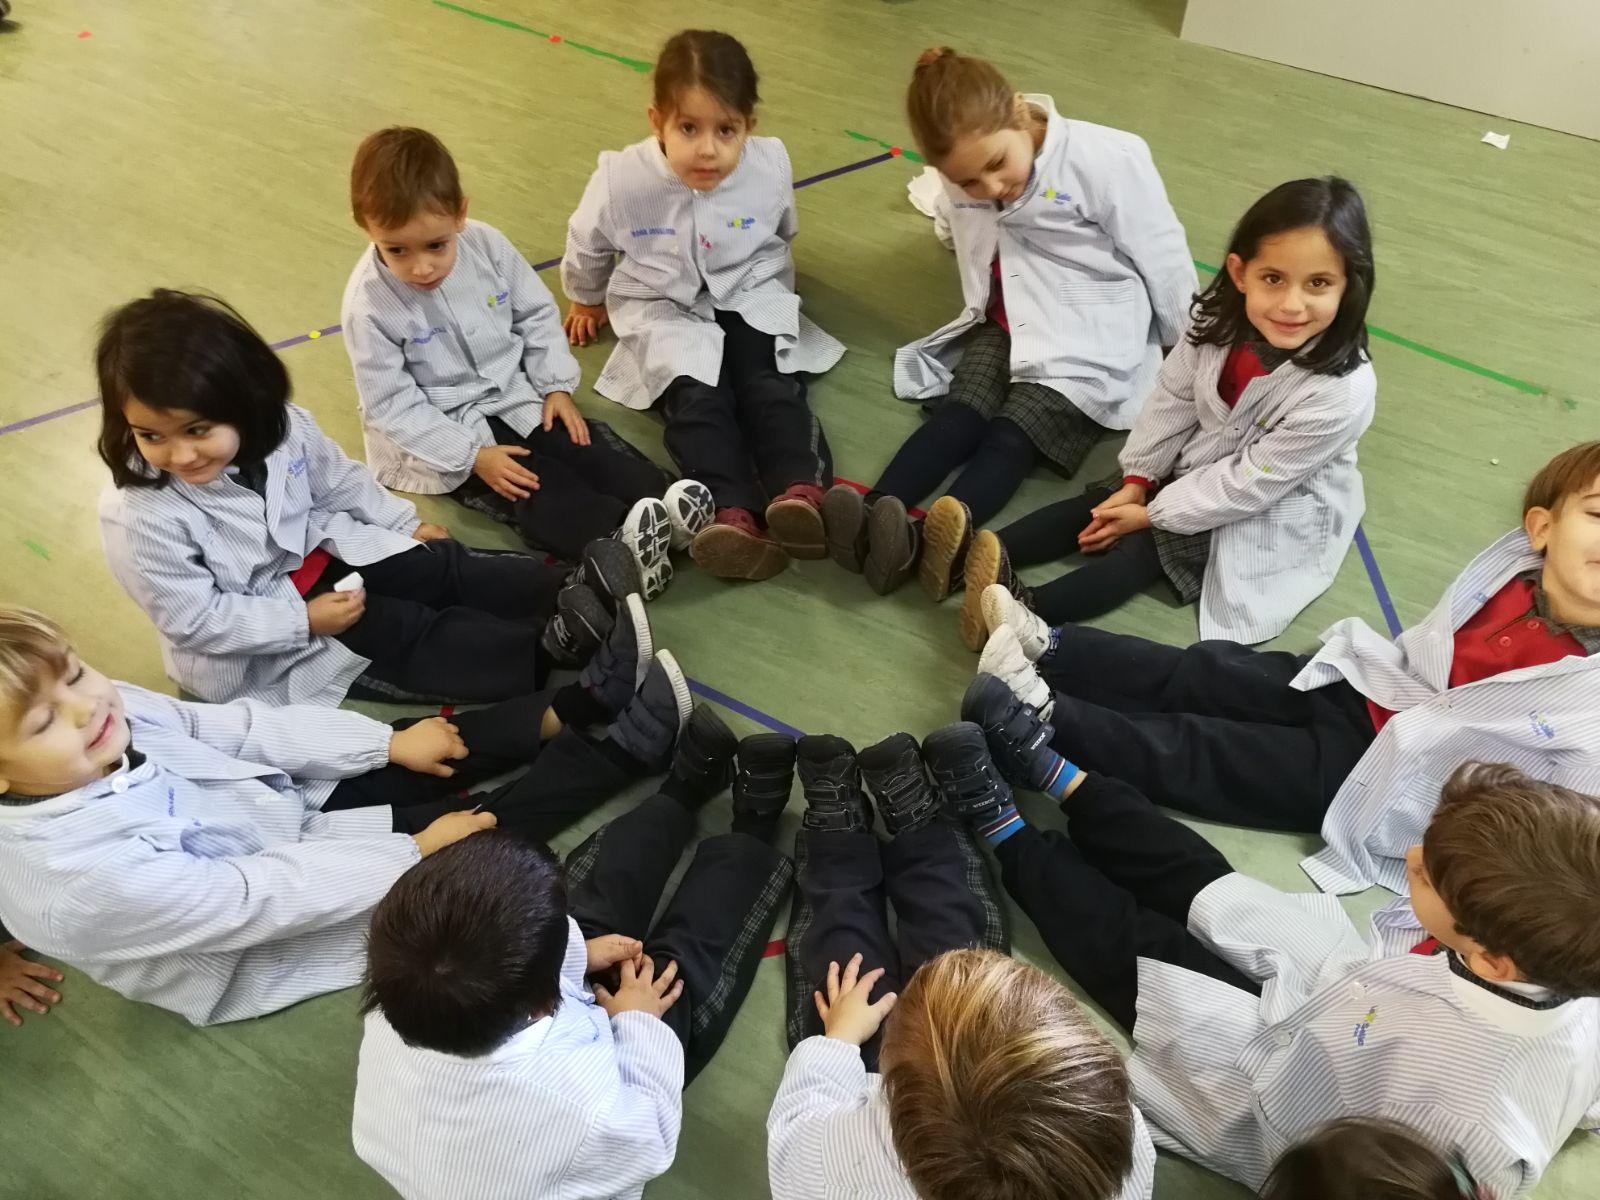 Clases de Inglés divertidas en Infantil